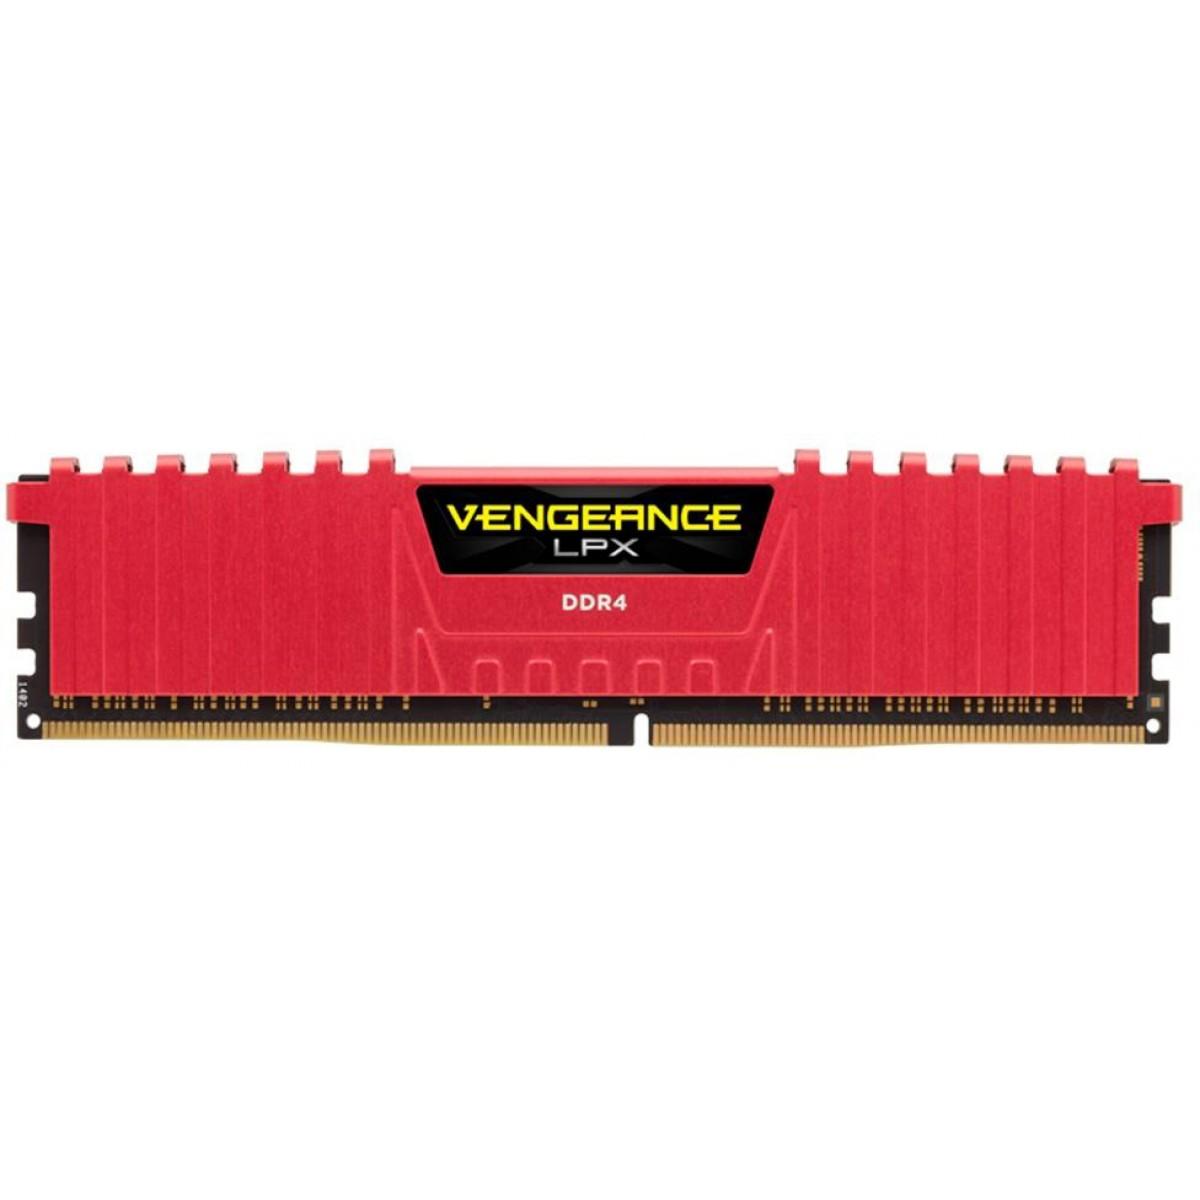 Memória DDR4 Corsair Vengeance LPX, 8GB 2666MHz, CMK8GX4M1A2666C16R